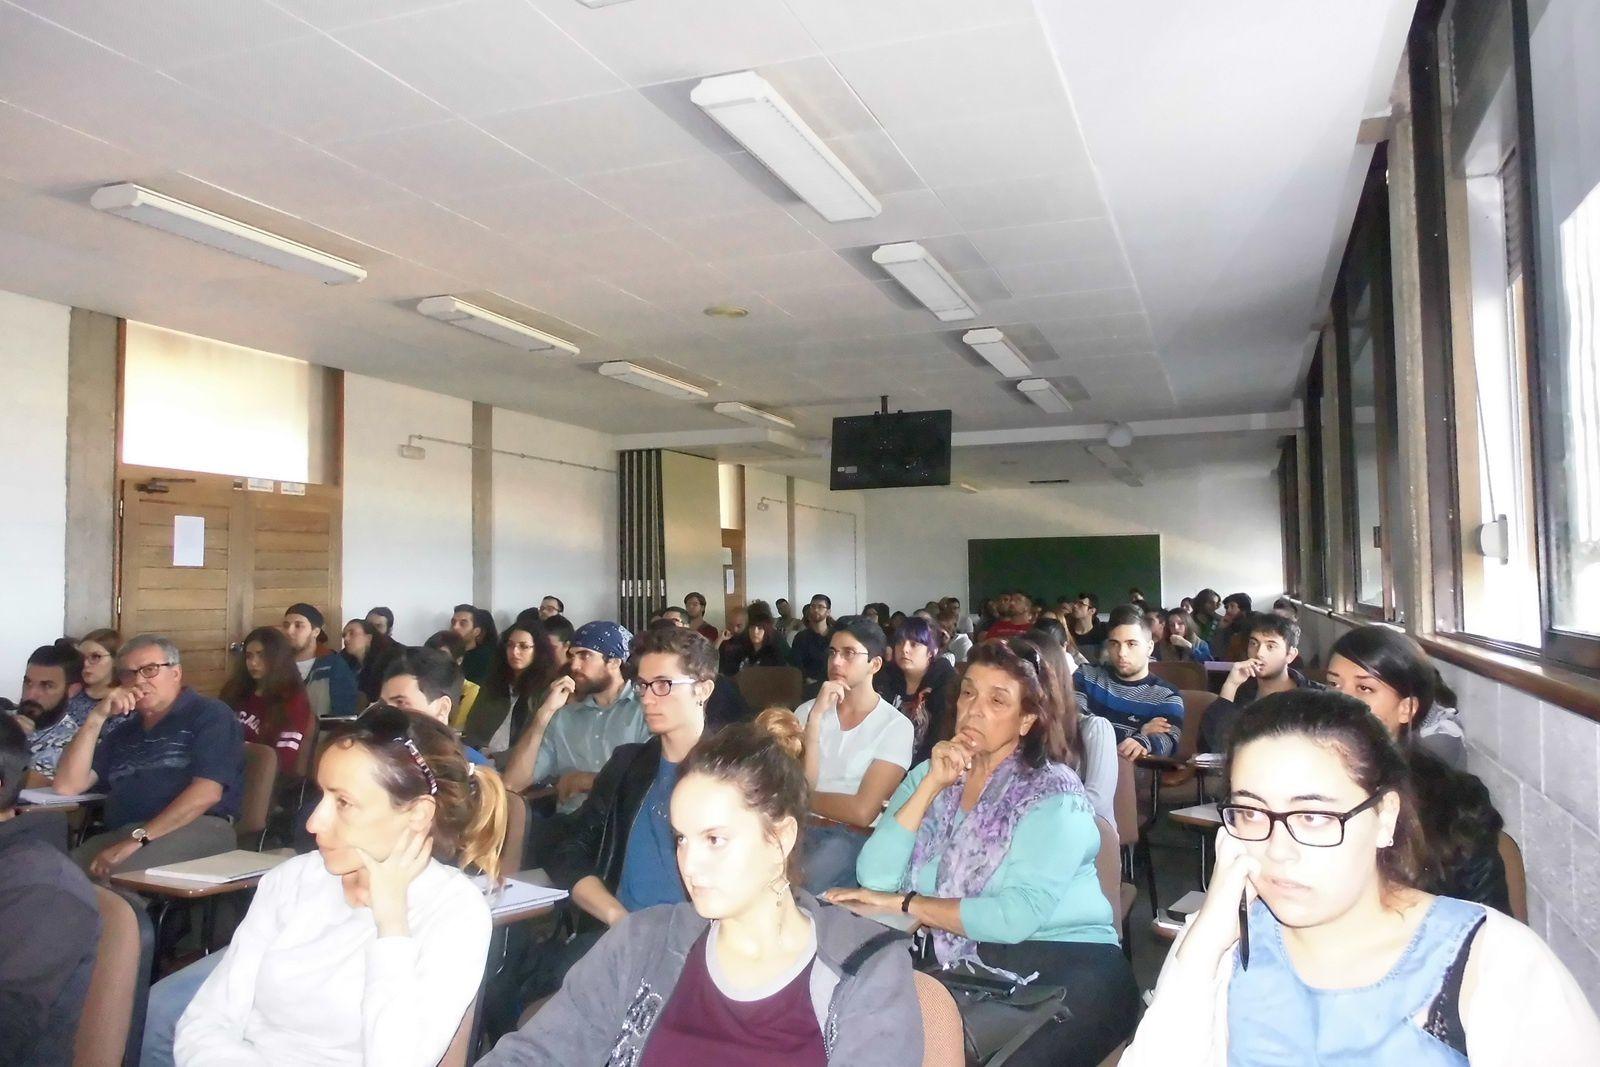 Retour d'Espagne: remerciement au Réseau d'éducation sans frontière (RESF)